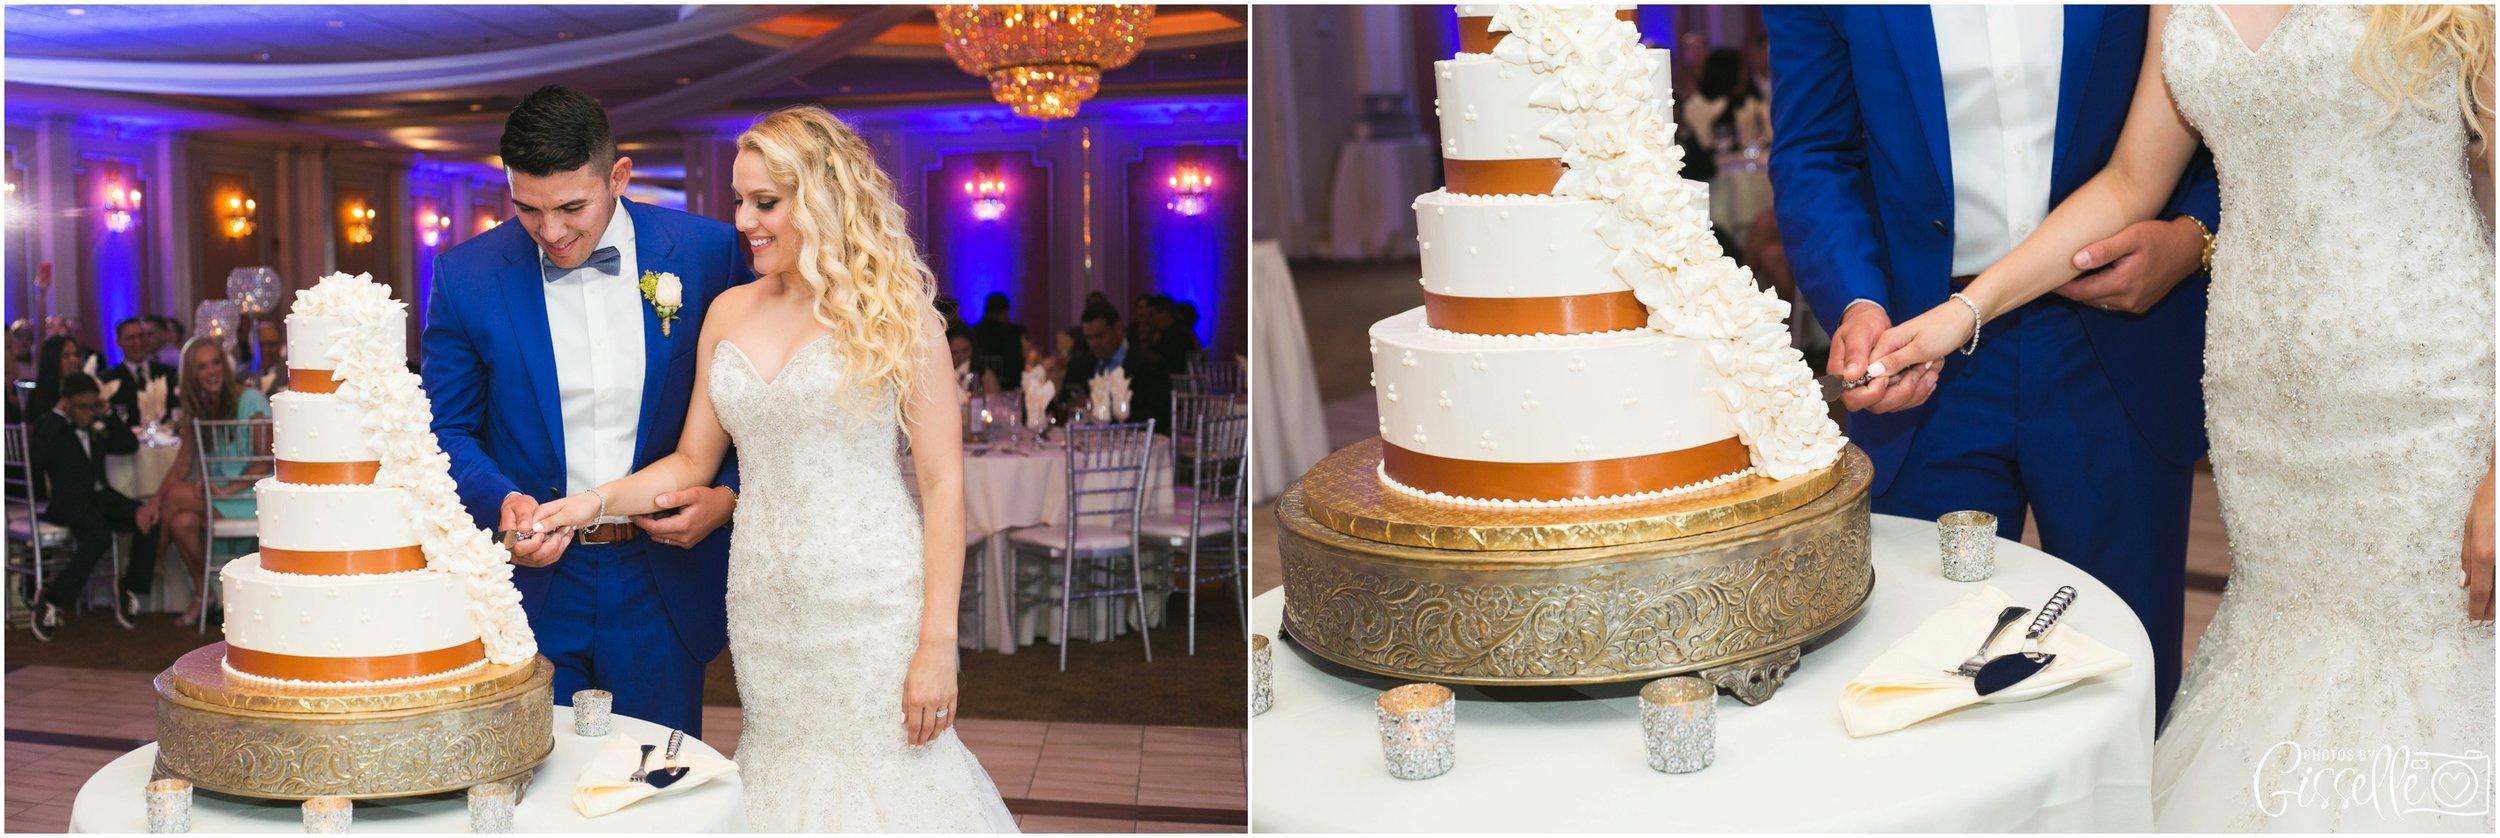 Astoria Banquets Wedding028.jpg